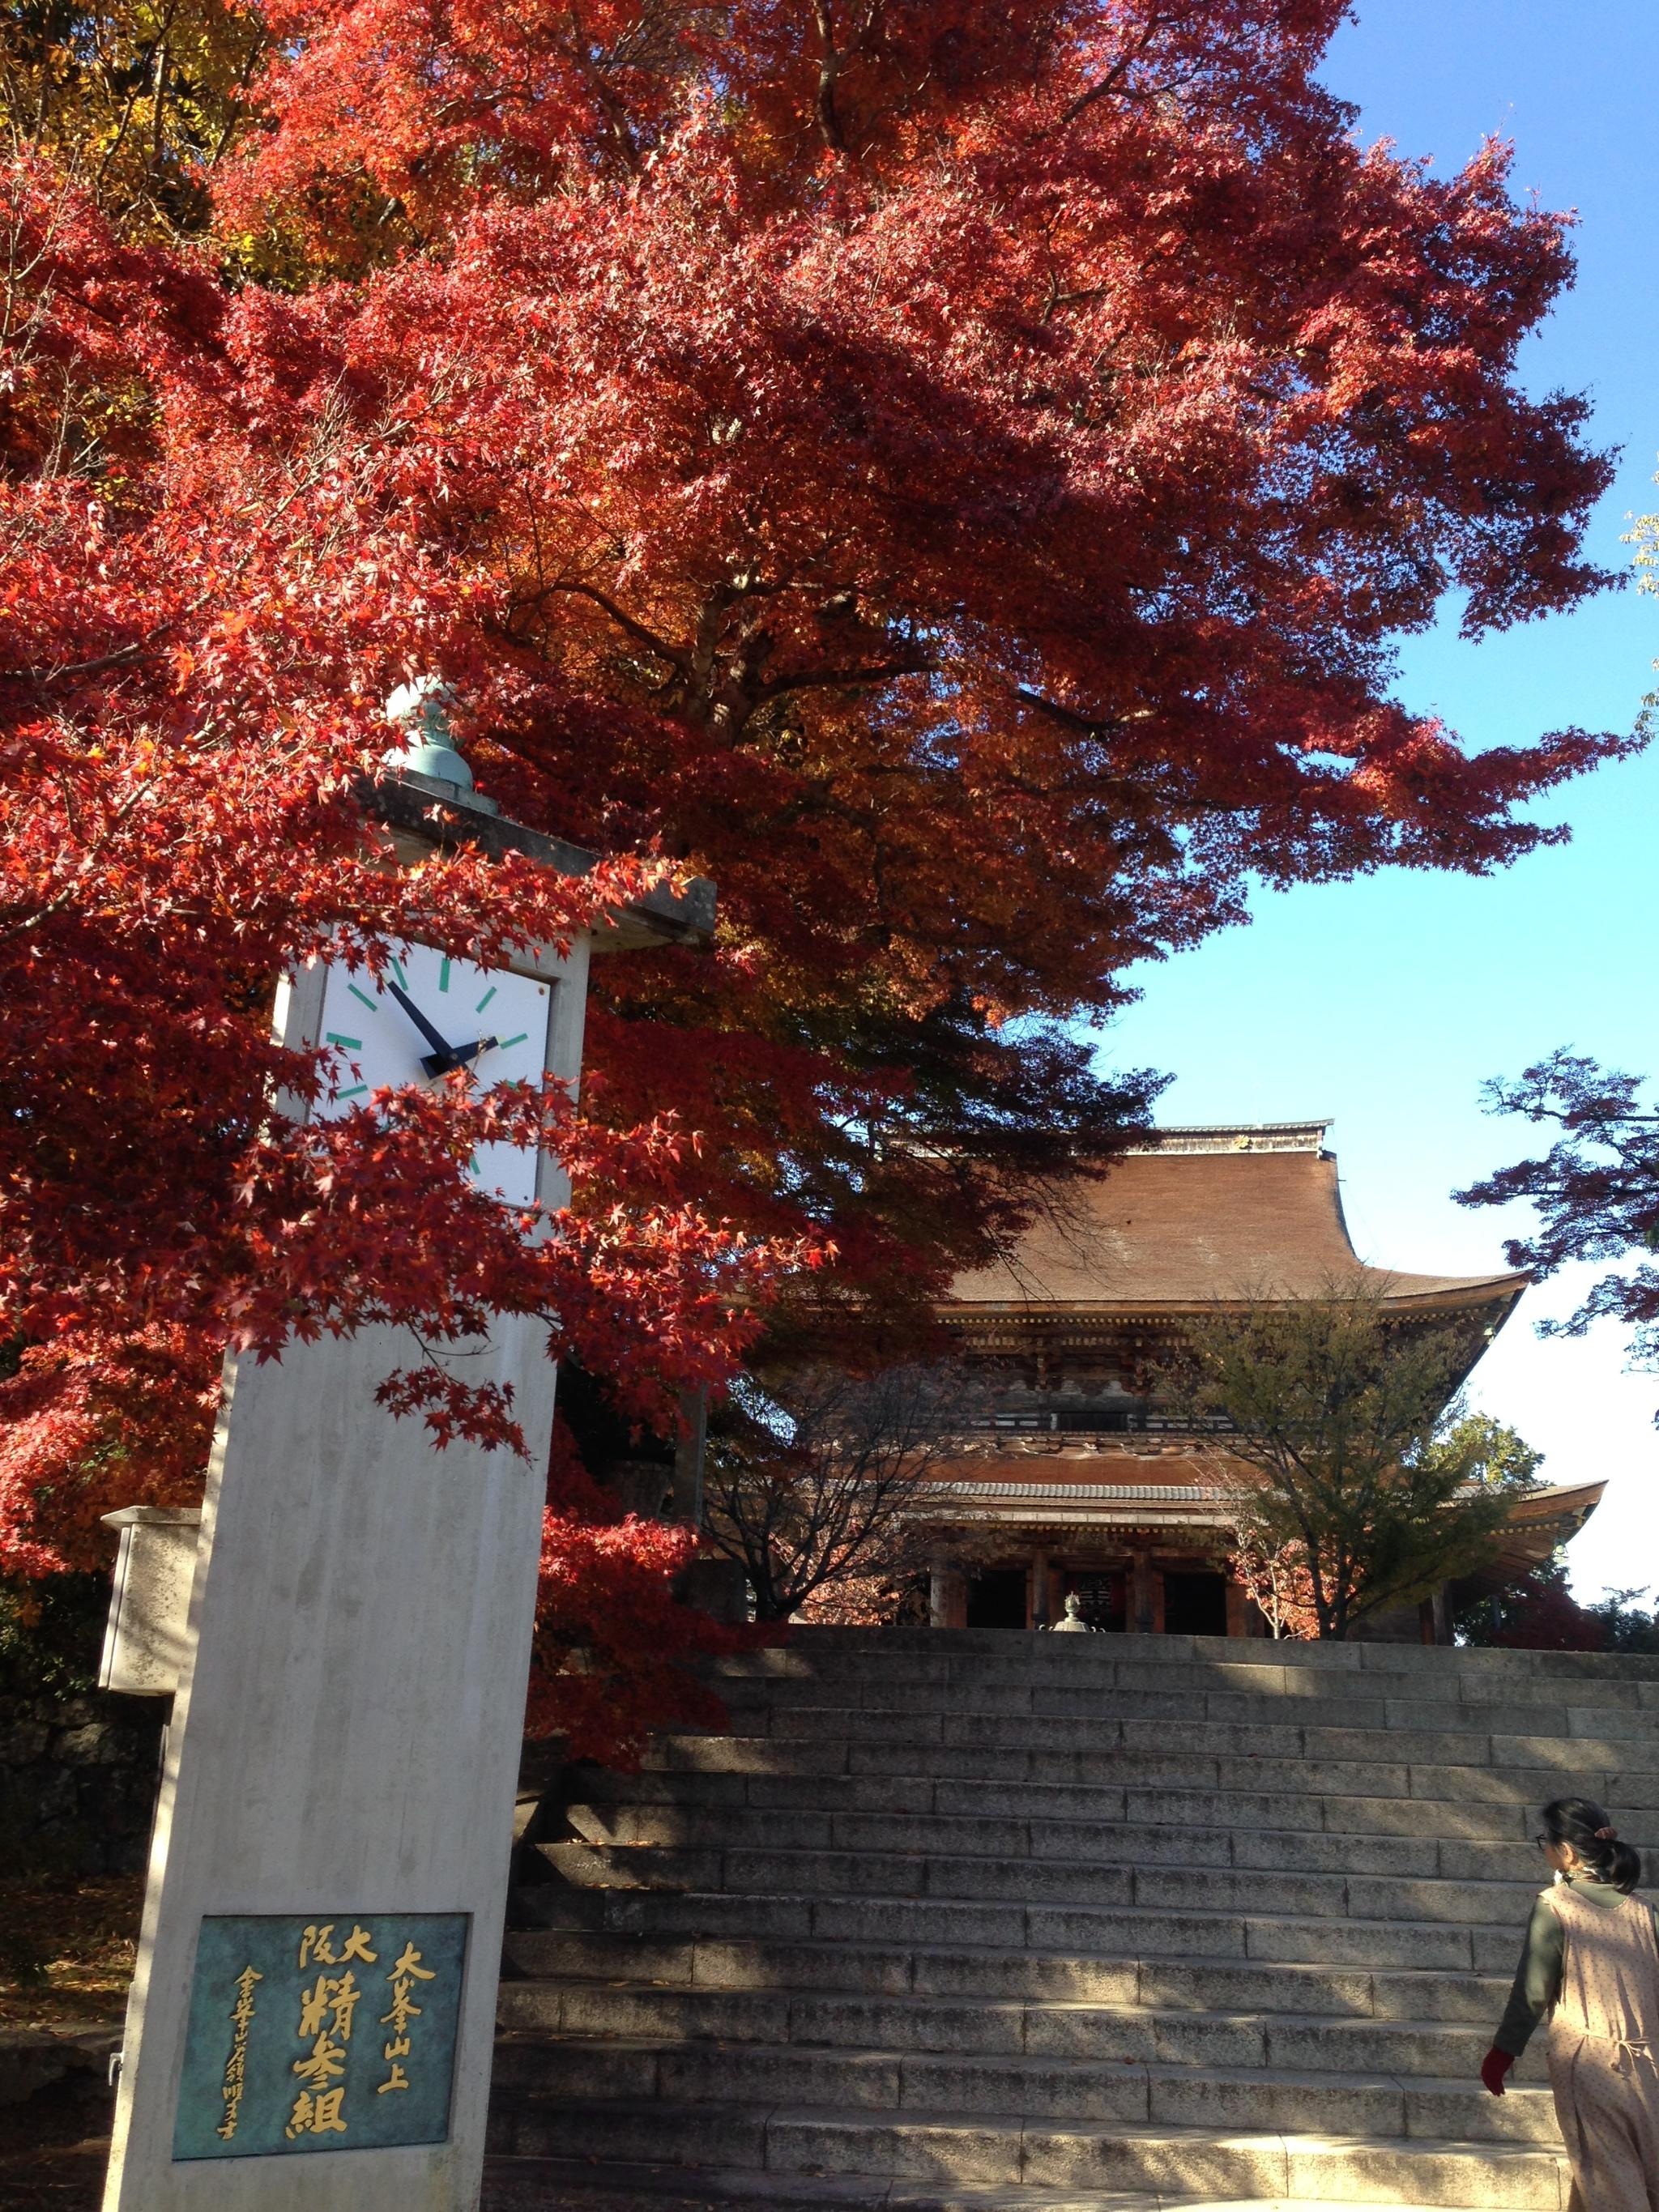 Szintoistyczna świątynia w miejscowości Yoshinoyama nieopodal Kioto (fot. Marta Karsz)